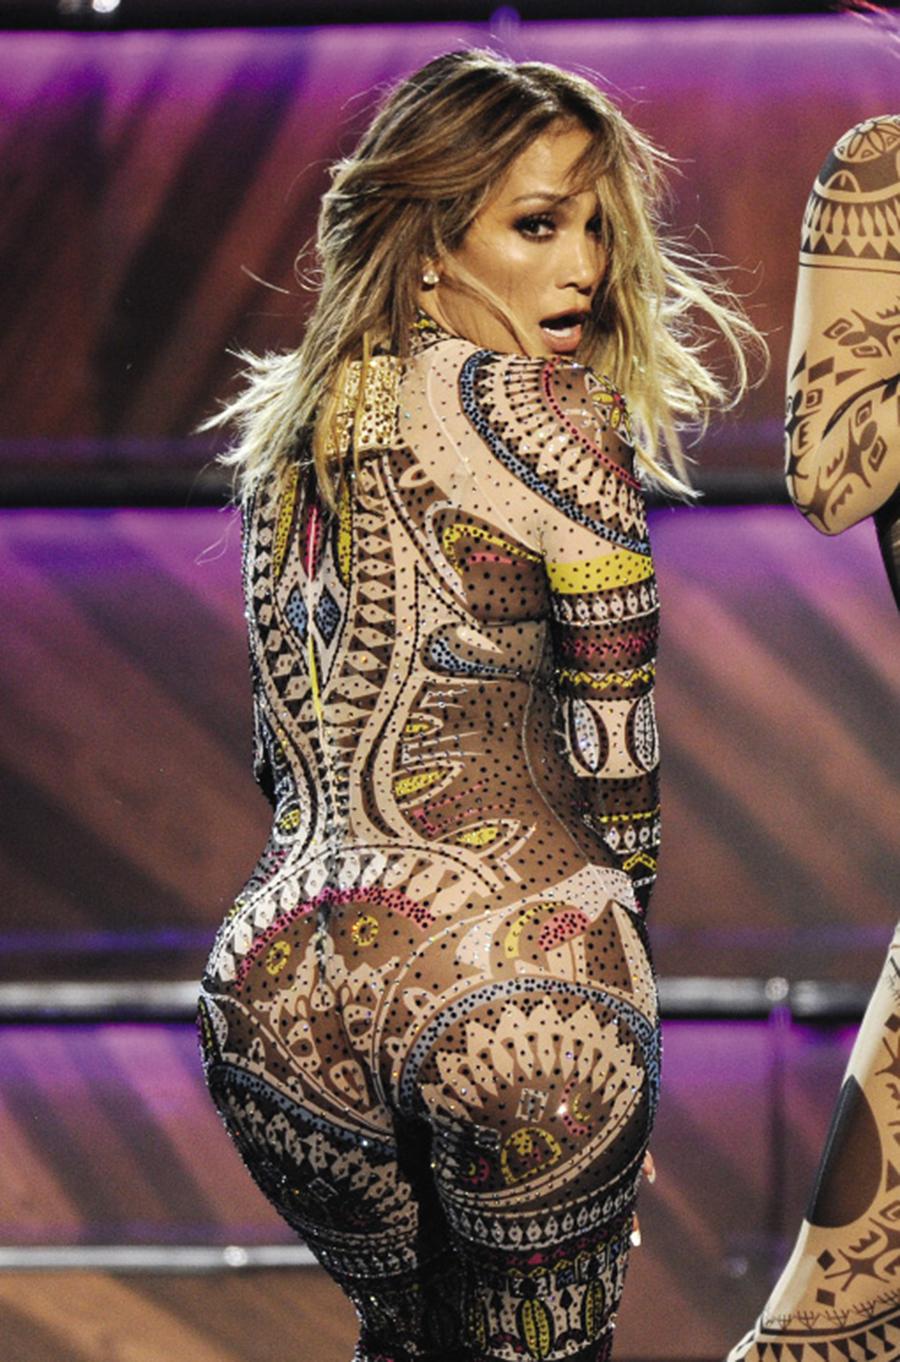 Дженнифер Лопес American Music Awards 2015